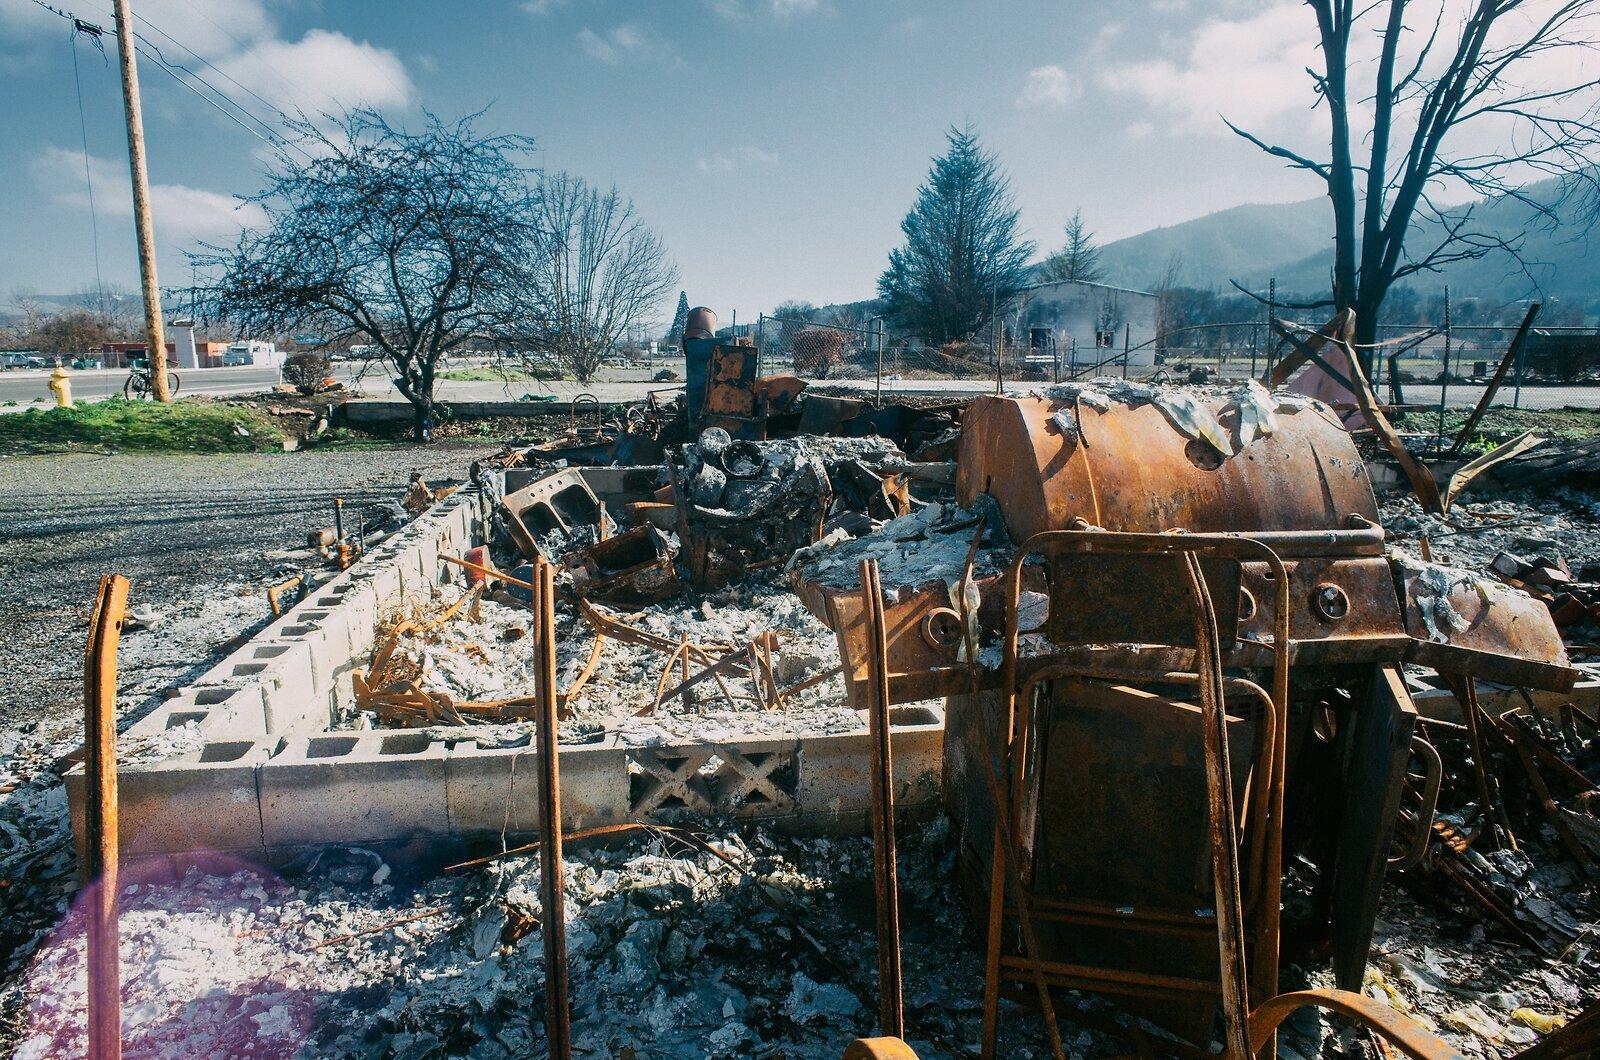 GRII_Feb6_21_BBQ_in_burned_house.jpg